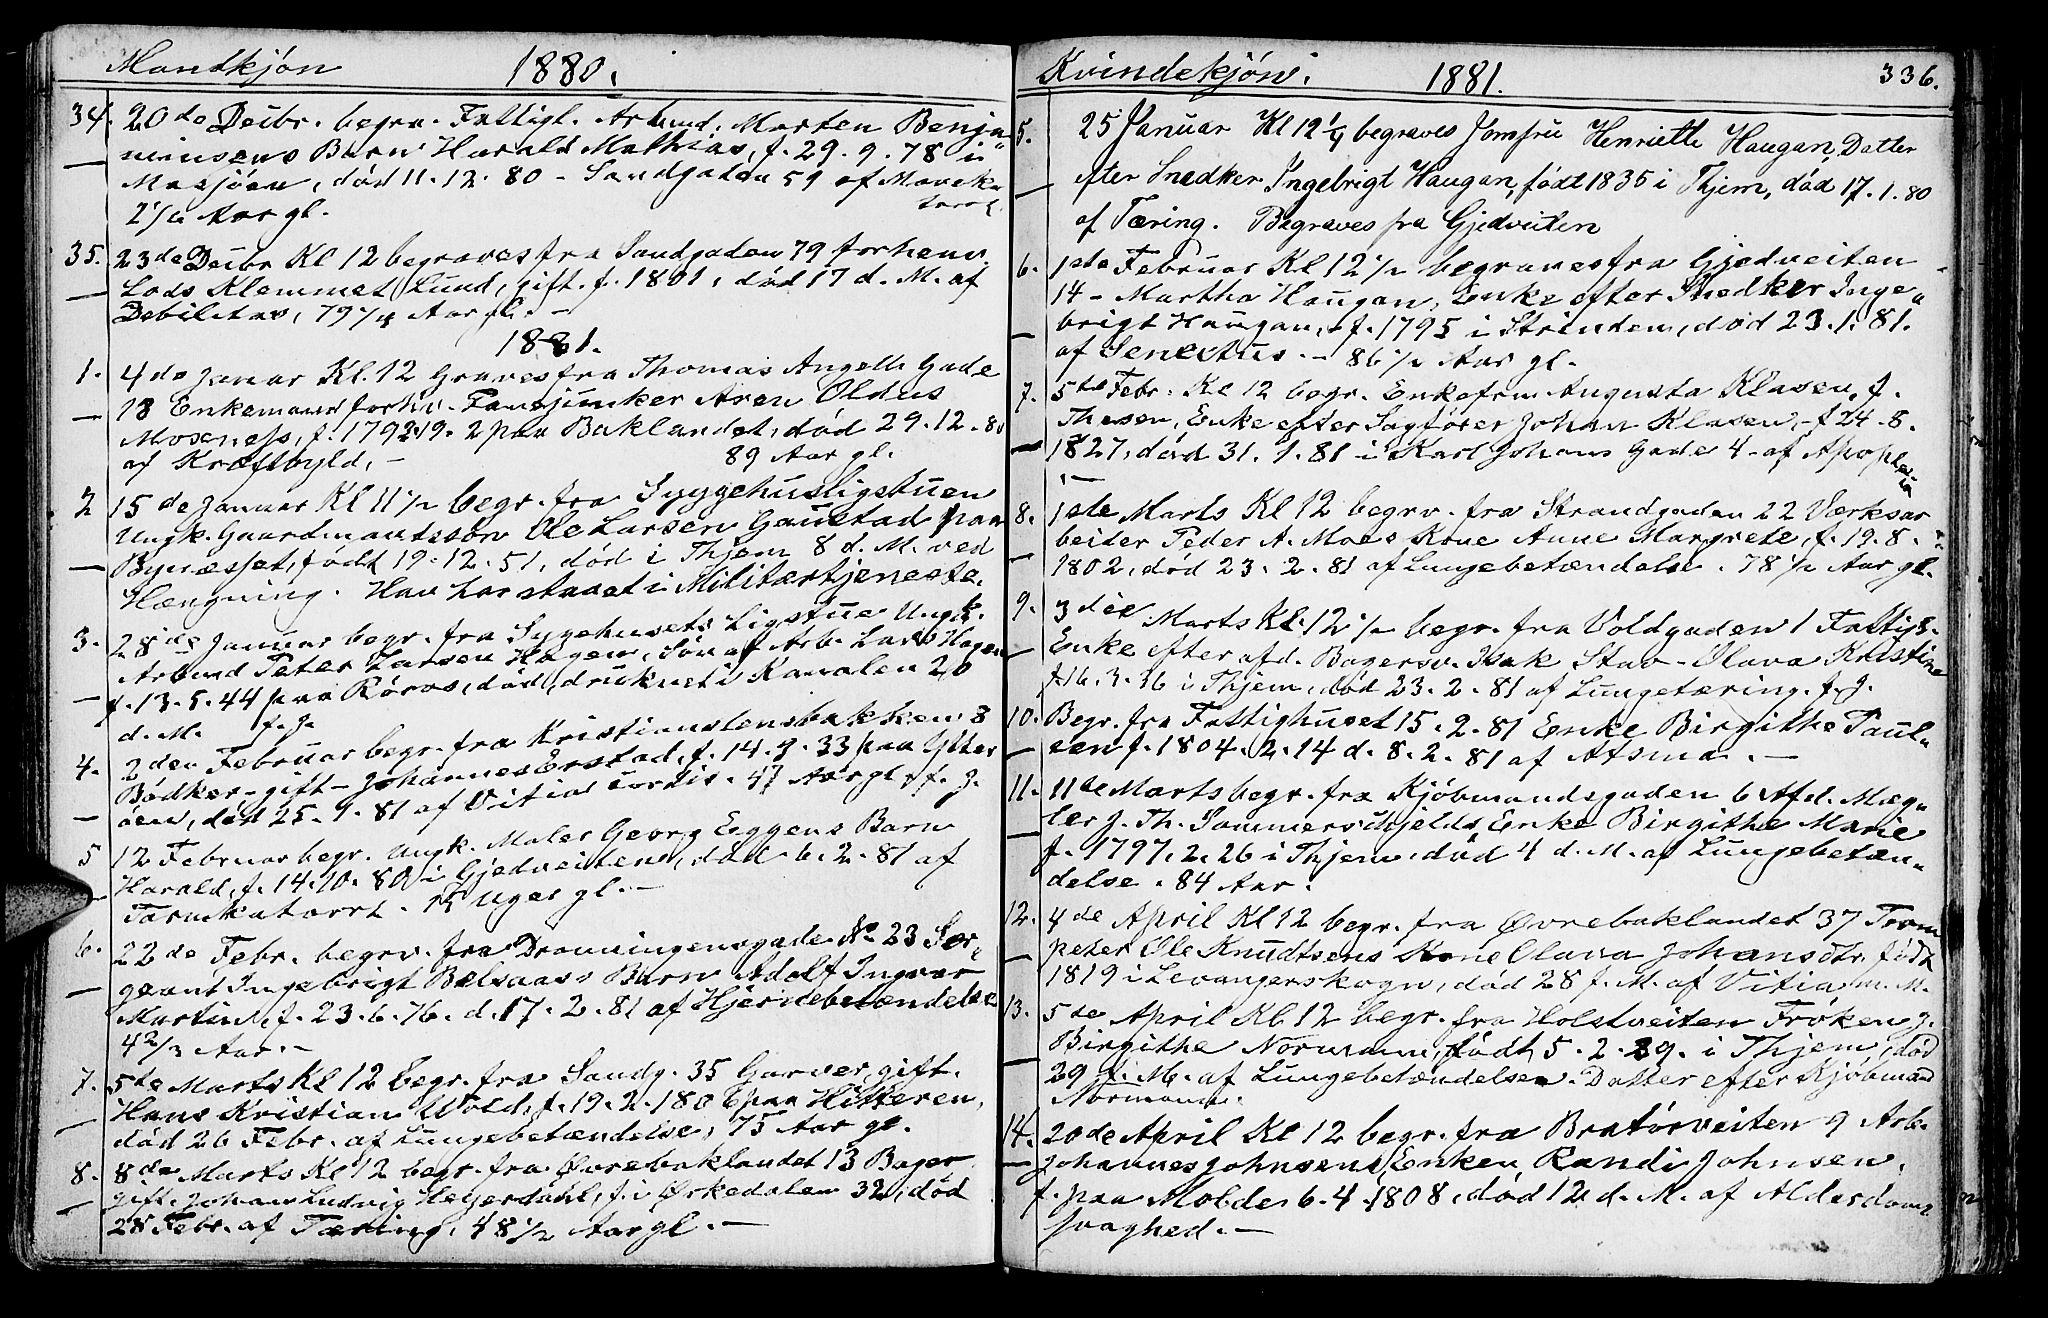 SAT, Ministerialprotokoller, klokkerbøker og fødselsregistre - Sør-Trøndelag, 602/L0142: Klokkerbok nr. 602C10, 1872-1894, s. 336